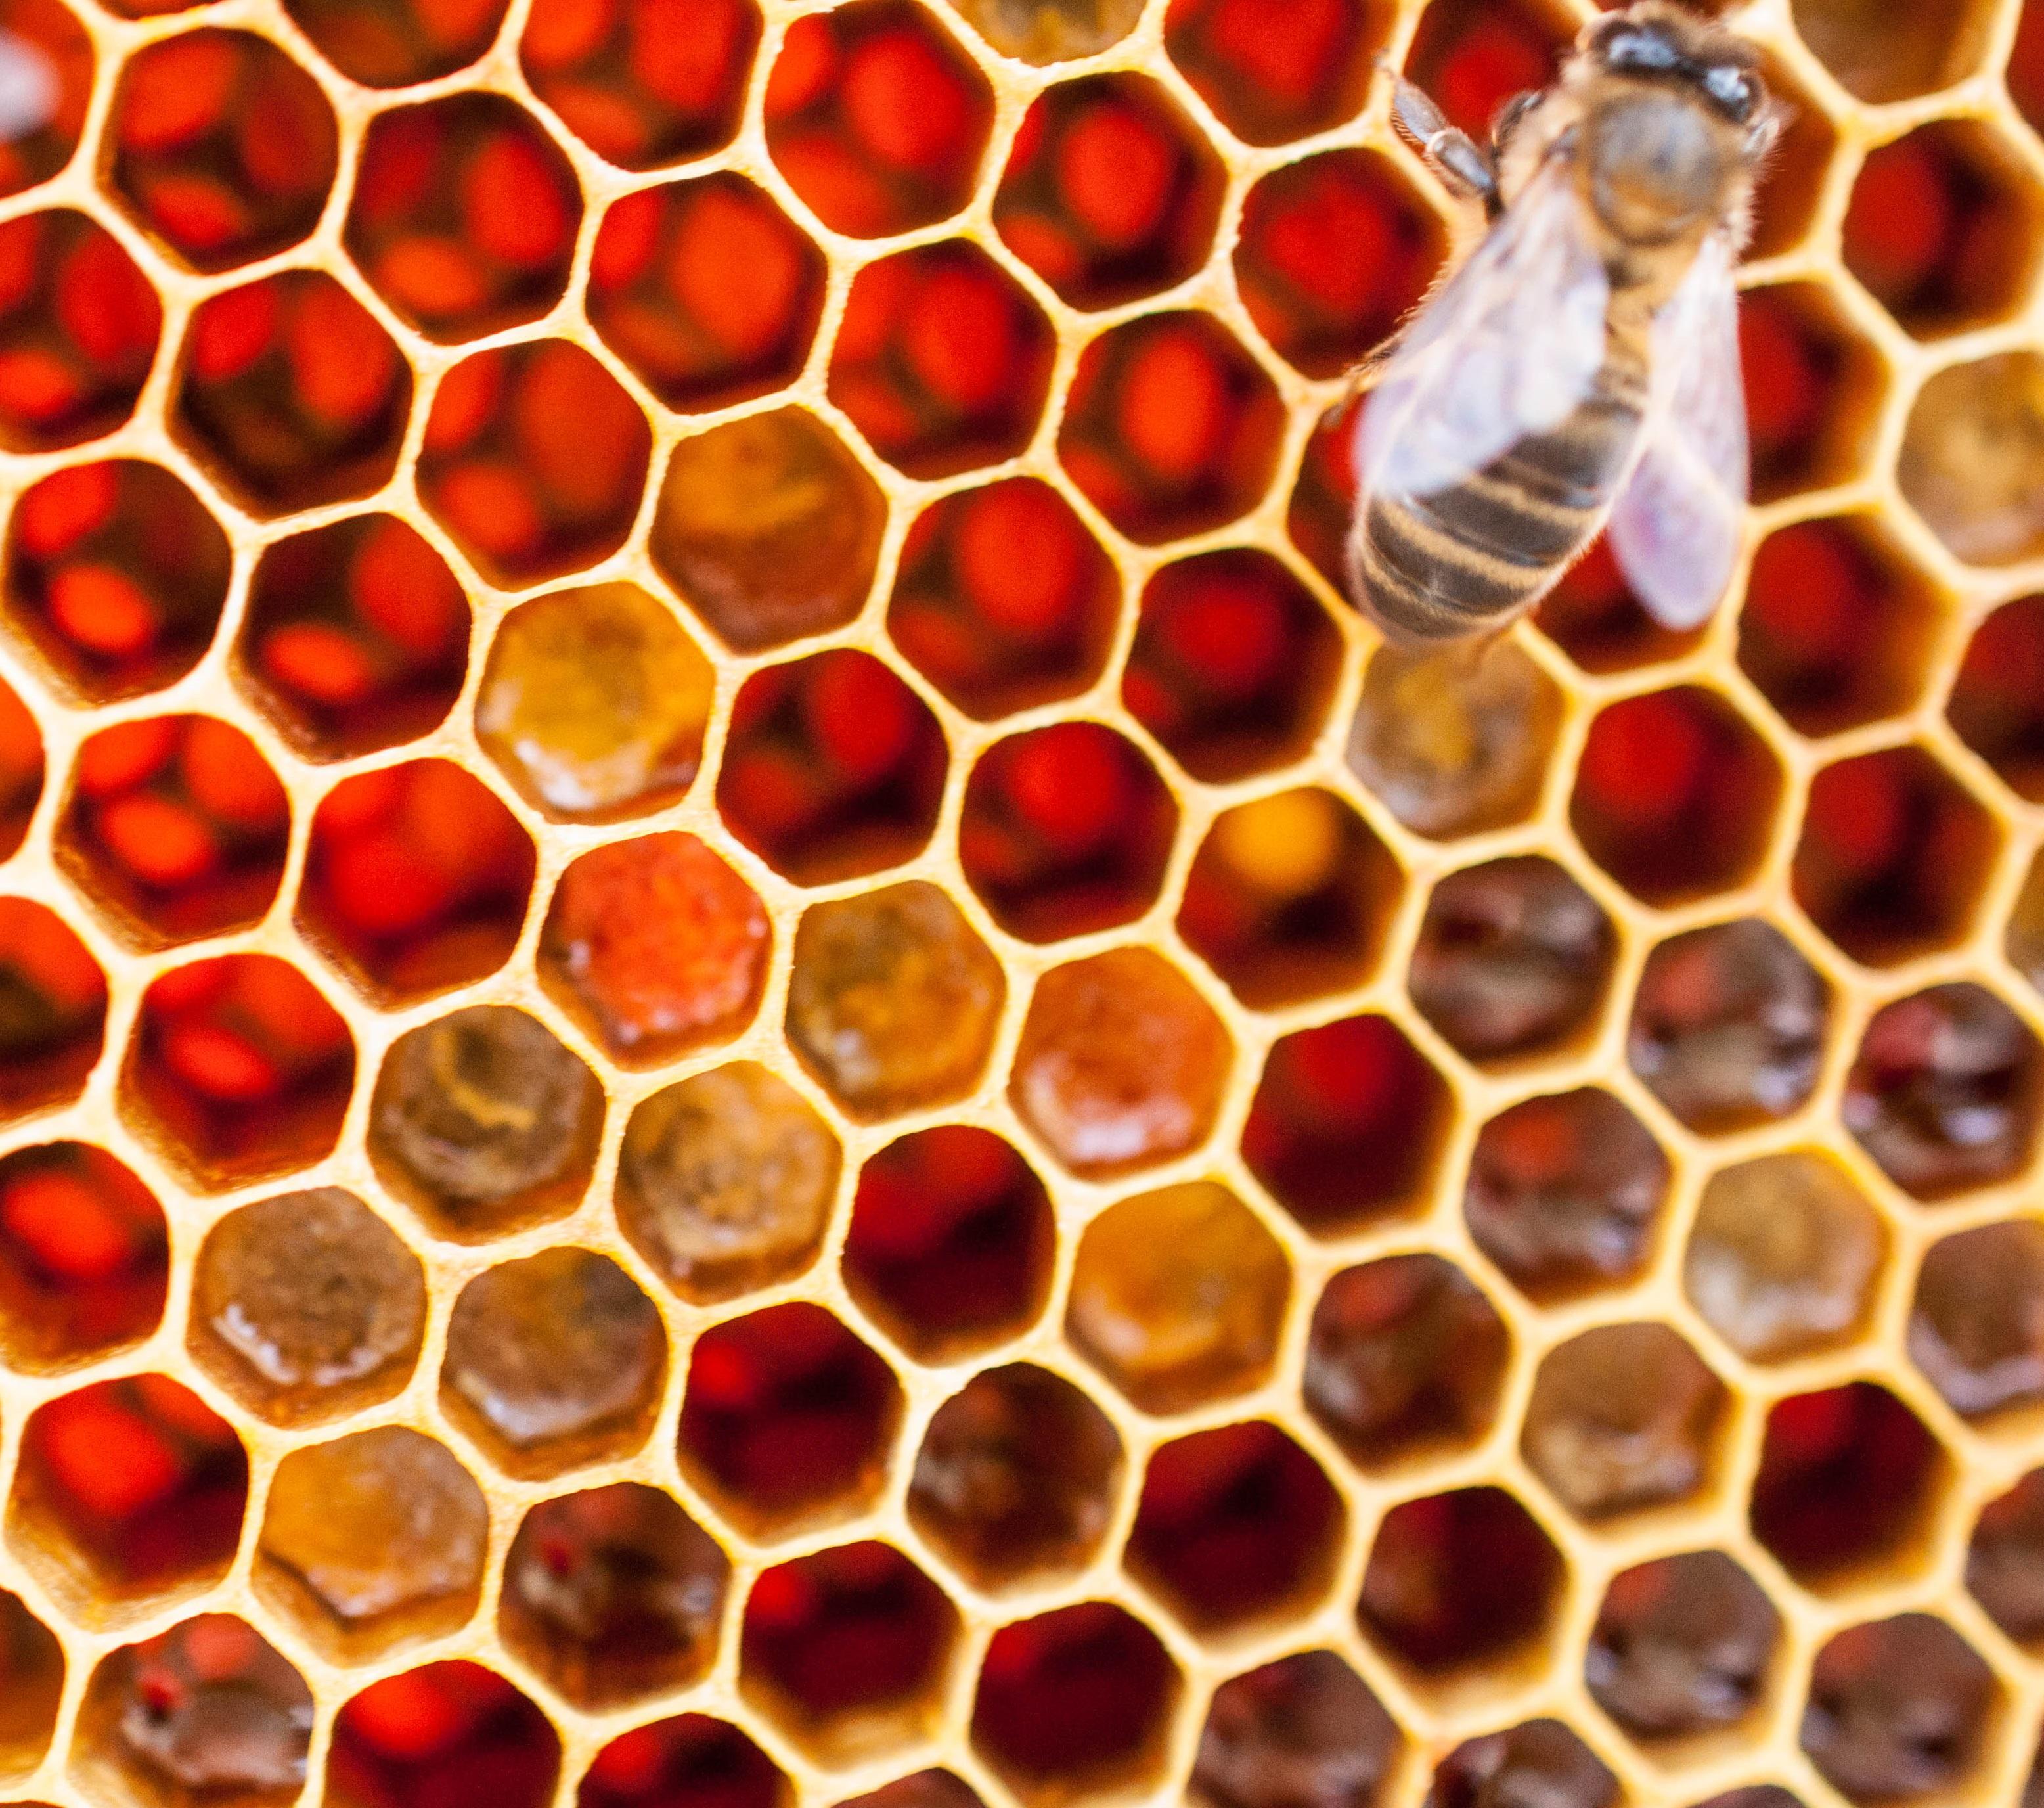 polen en panal Las Obreras de Aliste Artesanos de la Miel